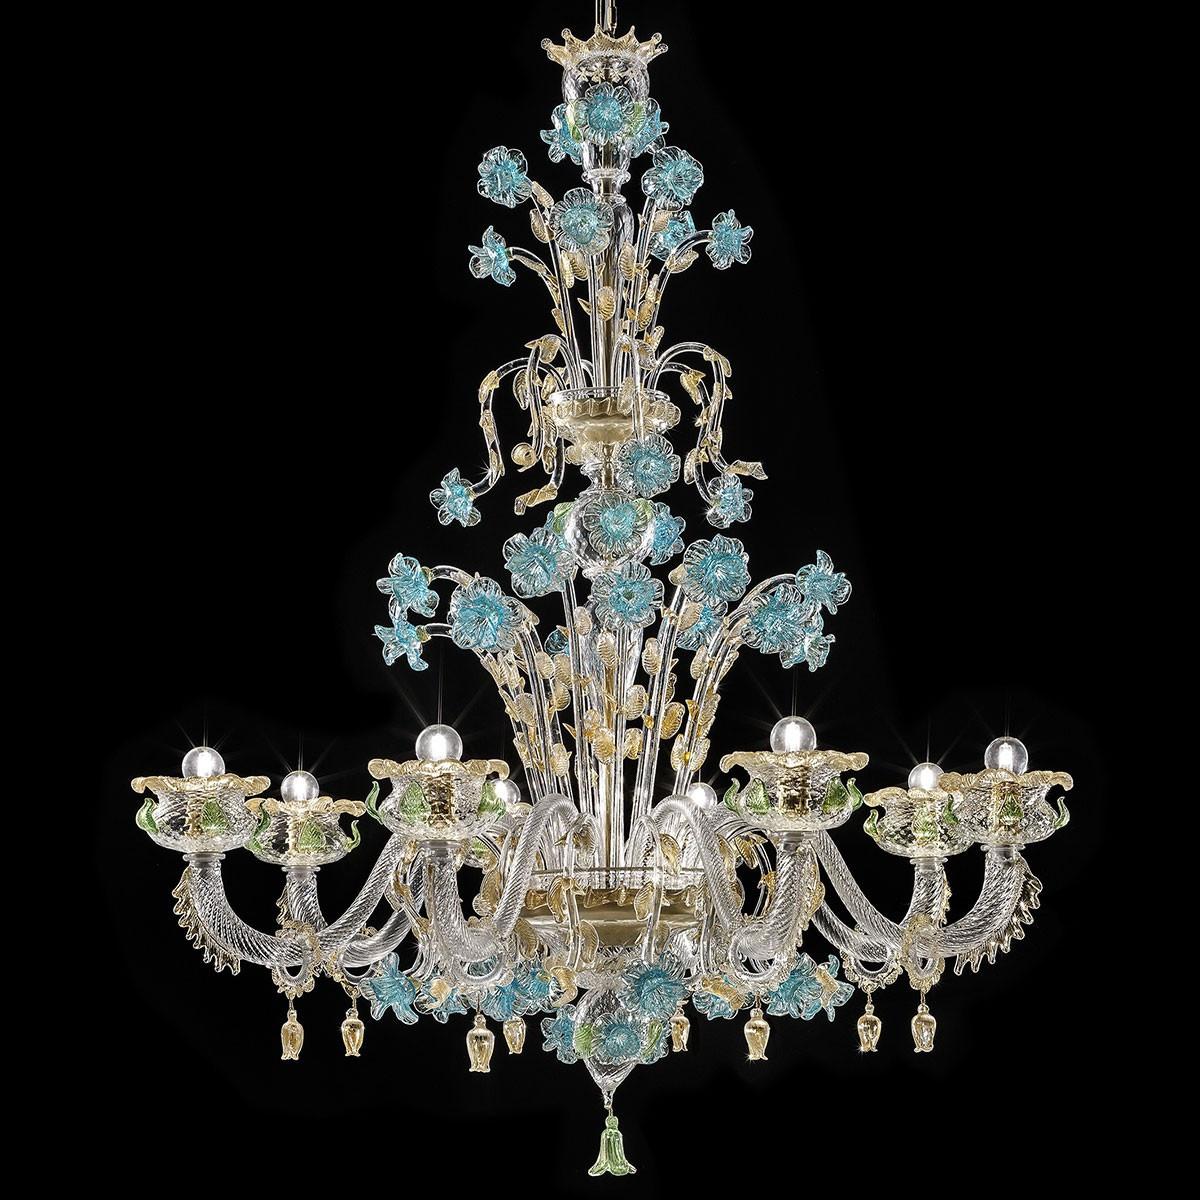 """""""Celeste"""" lampara de araña de Murano - 8 luces, transparente oro con turquesa y verde"""